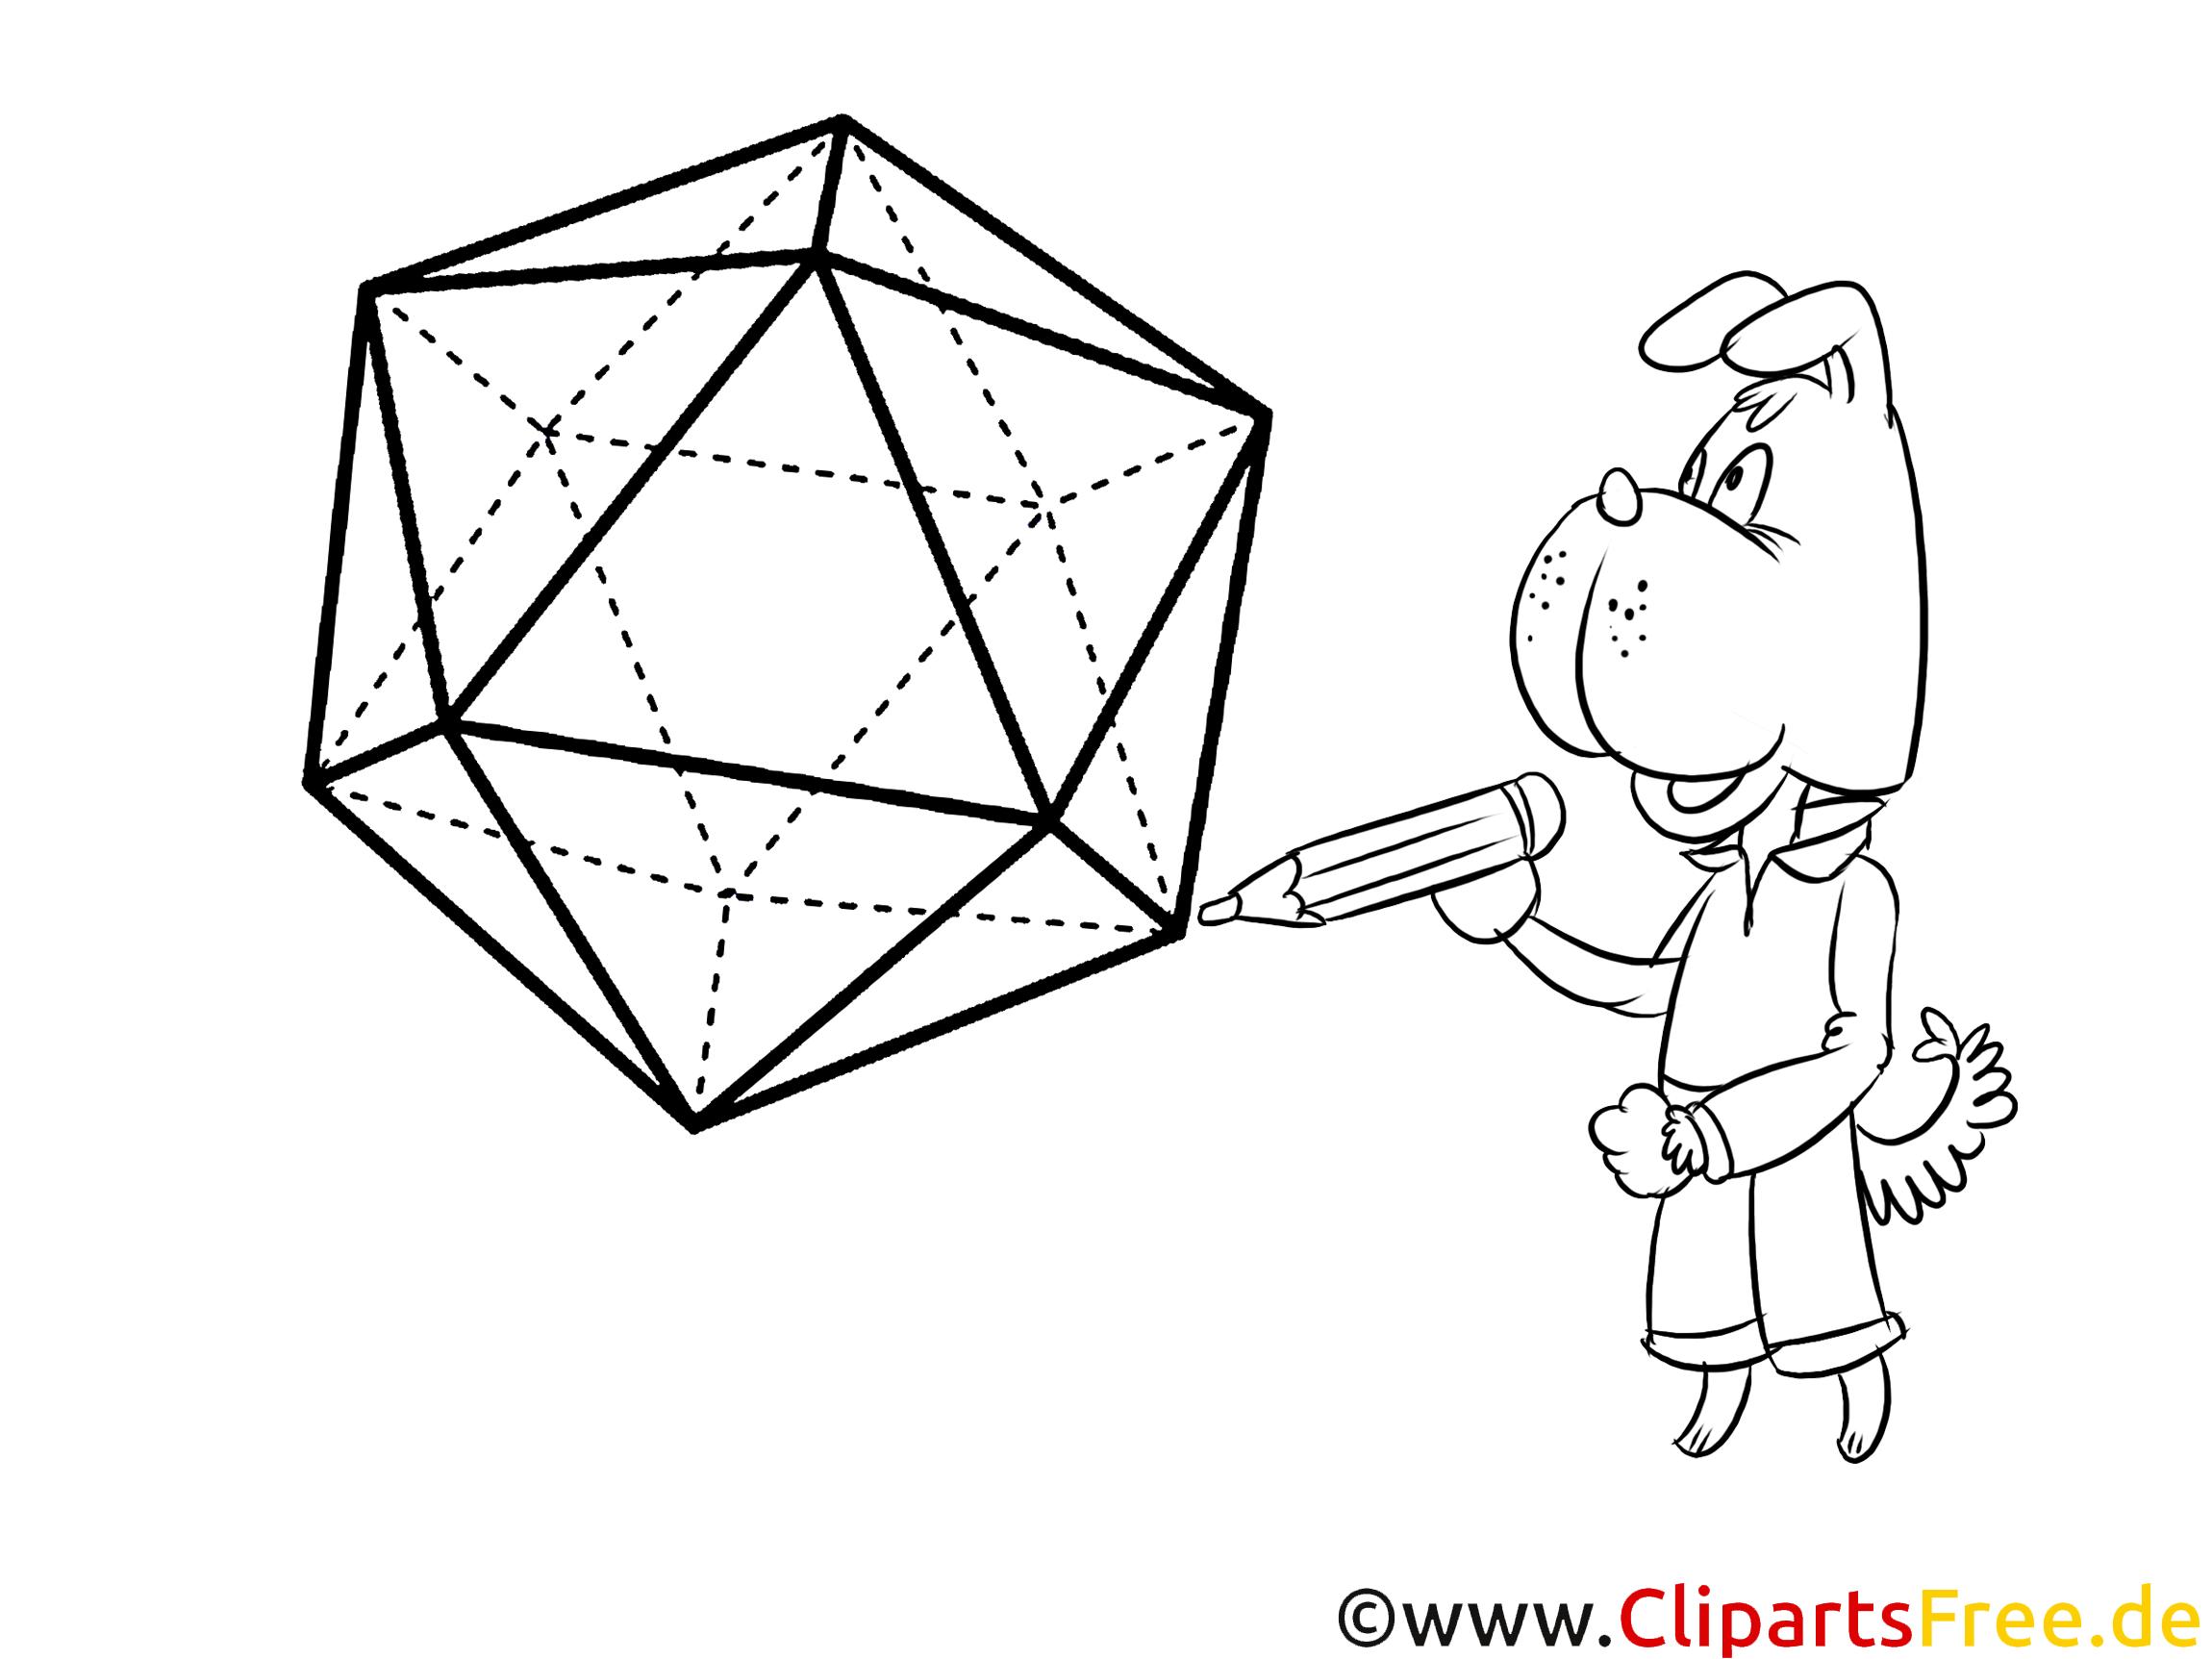 Großzügig Malvorlagen Formen Geometrisch Galerie - Beispiel ...